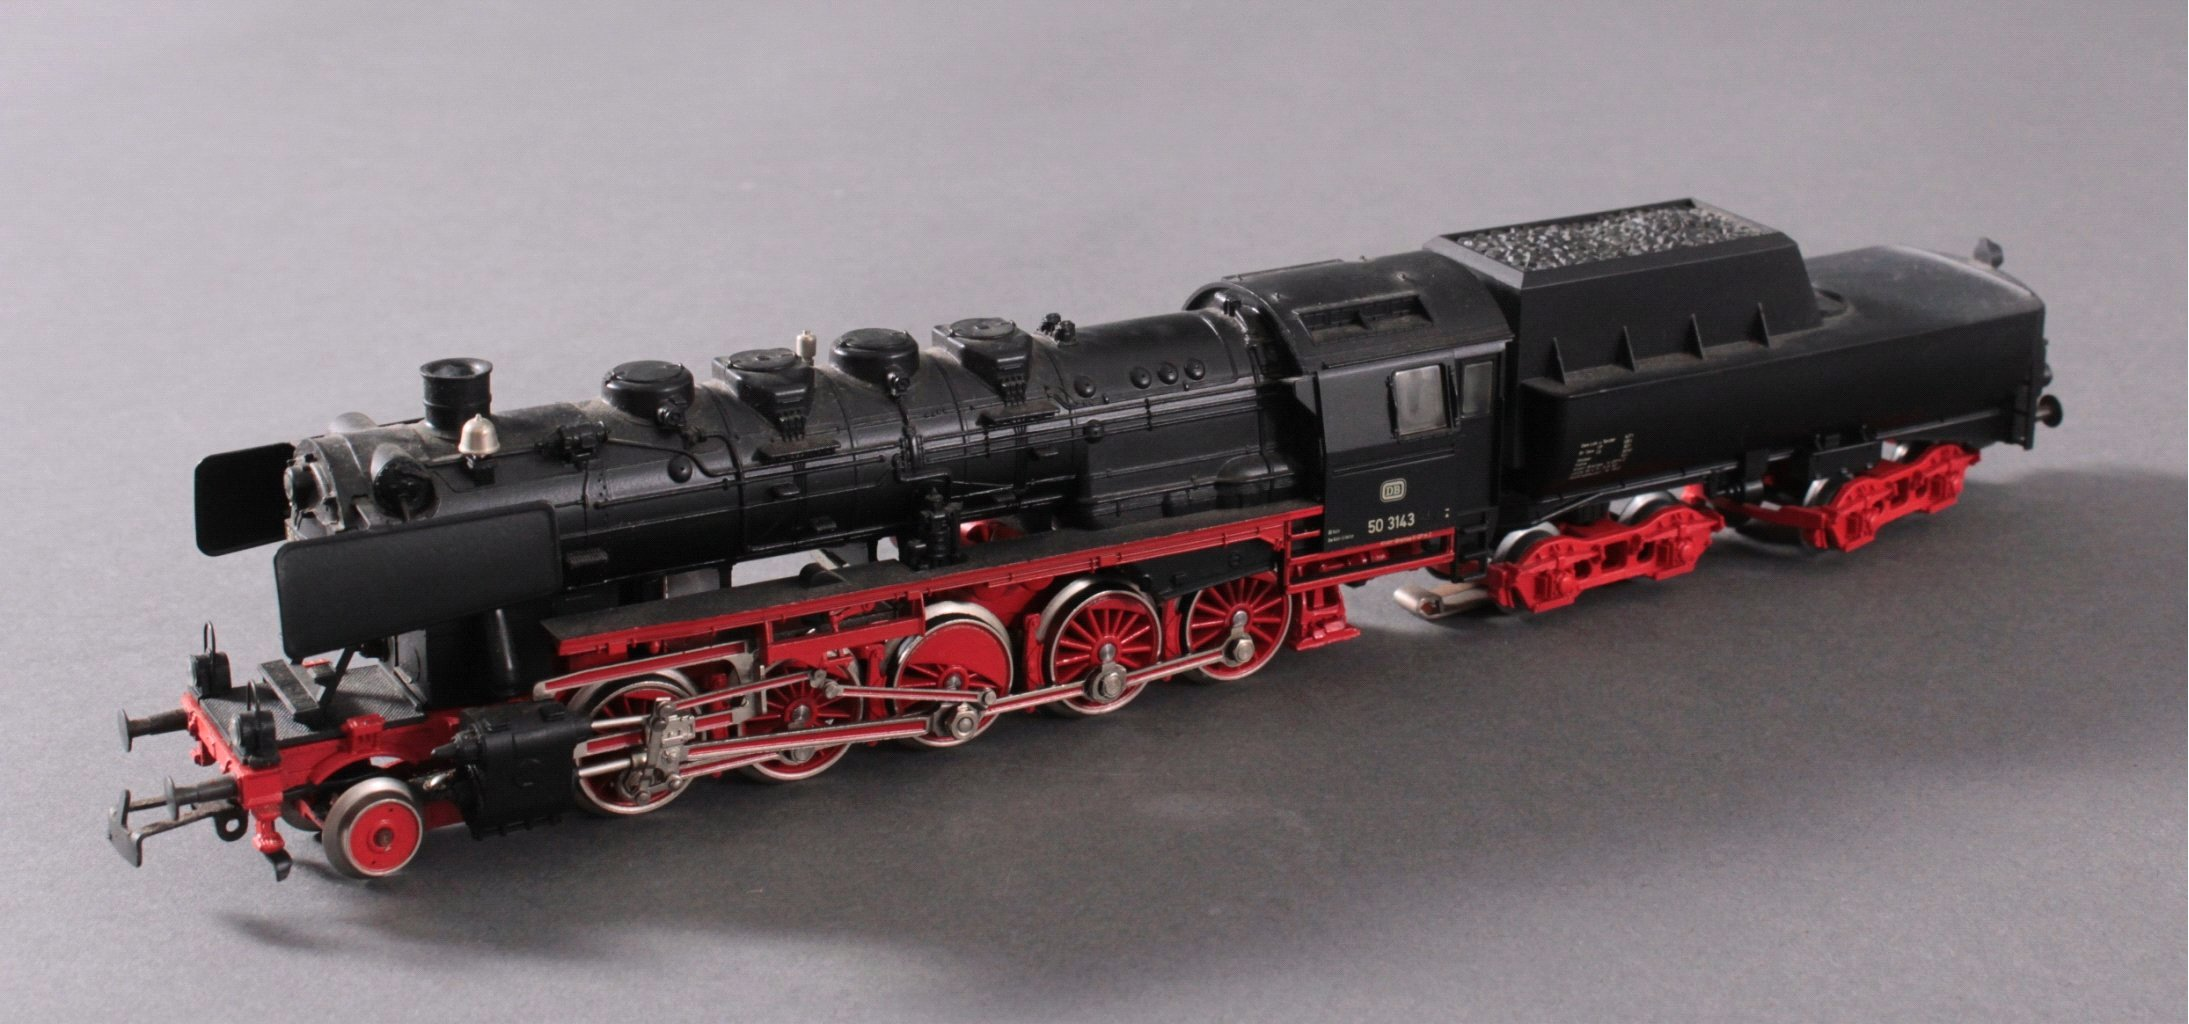 Märklin H0 3315 Dampf-Lok Baureihe 50 3143 DB in schwarz mit-1